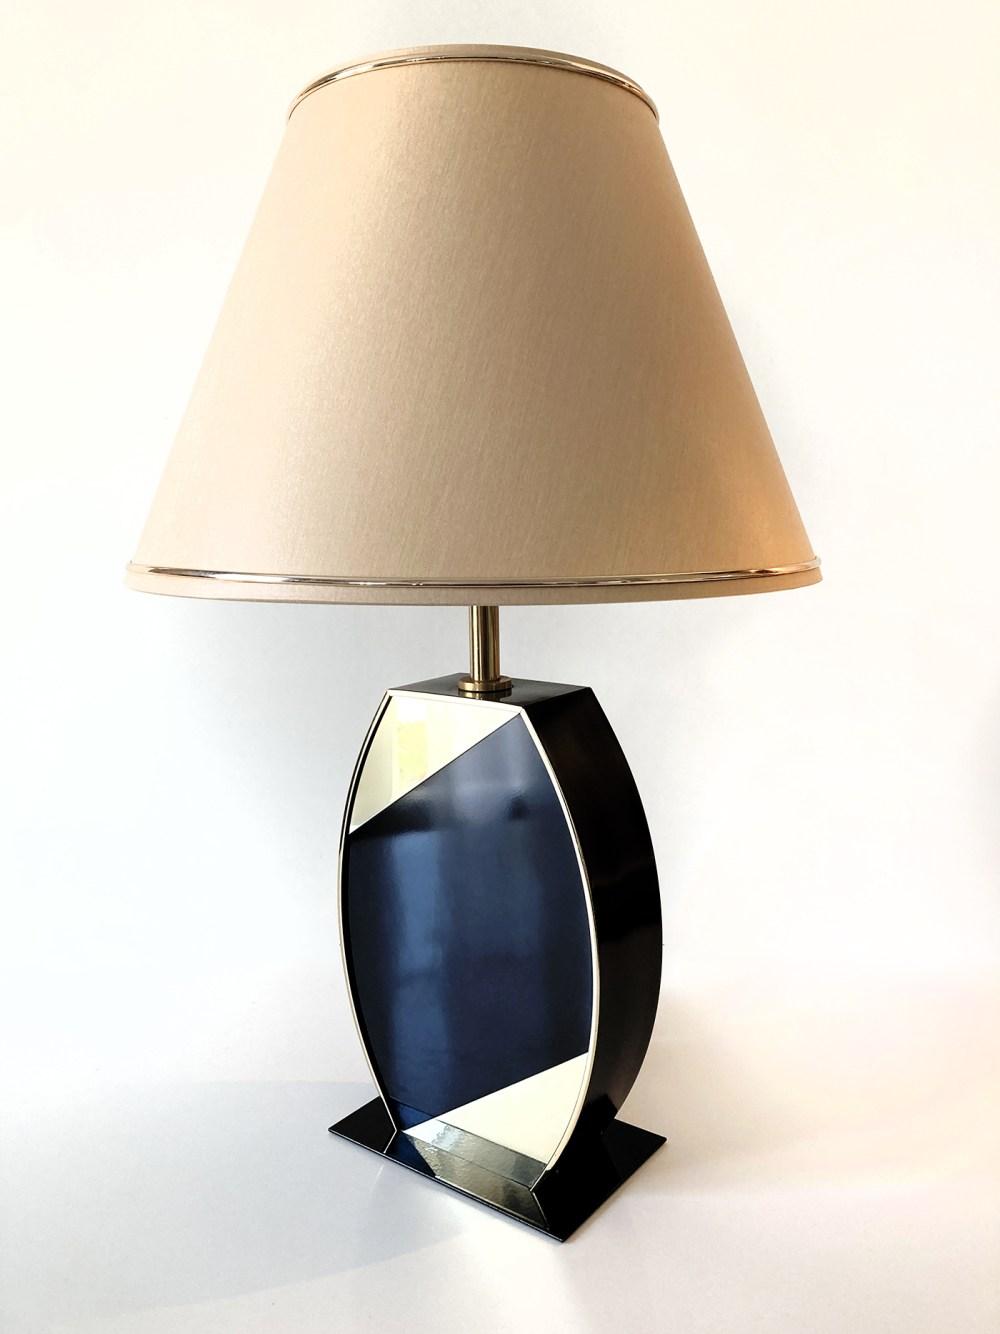 lampe de salon vintage Le Dauphin 1970. luminaires, lampes vintage ltgmood.com